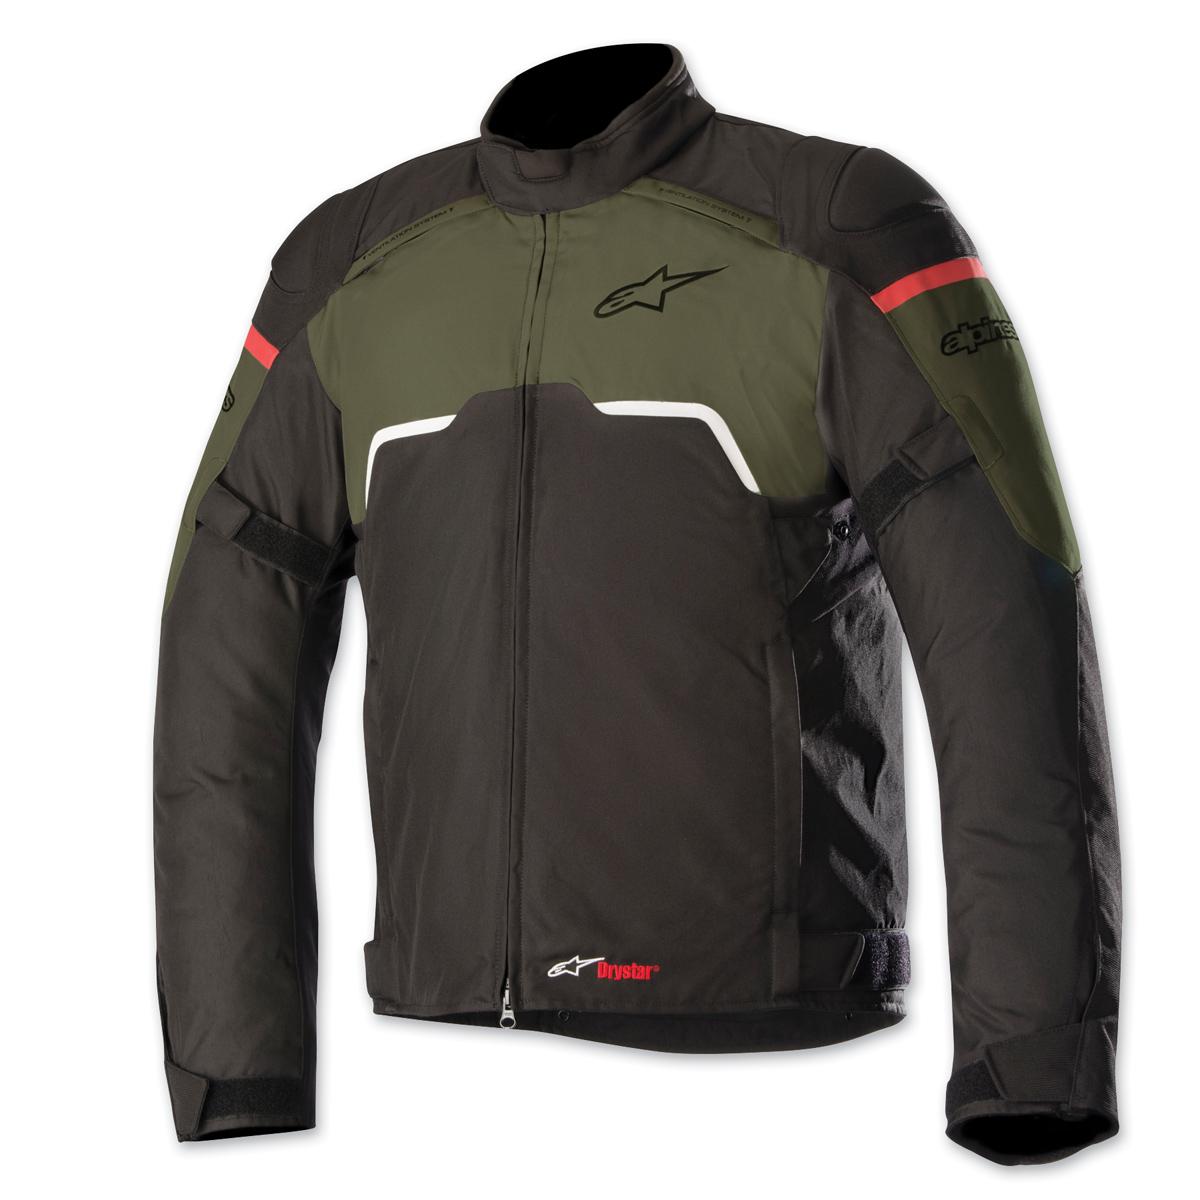 Alpinestars Men's Hyper Drystar Black/Green Jacket